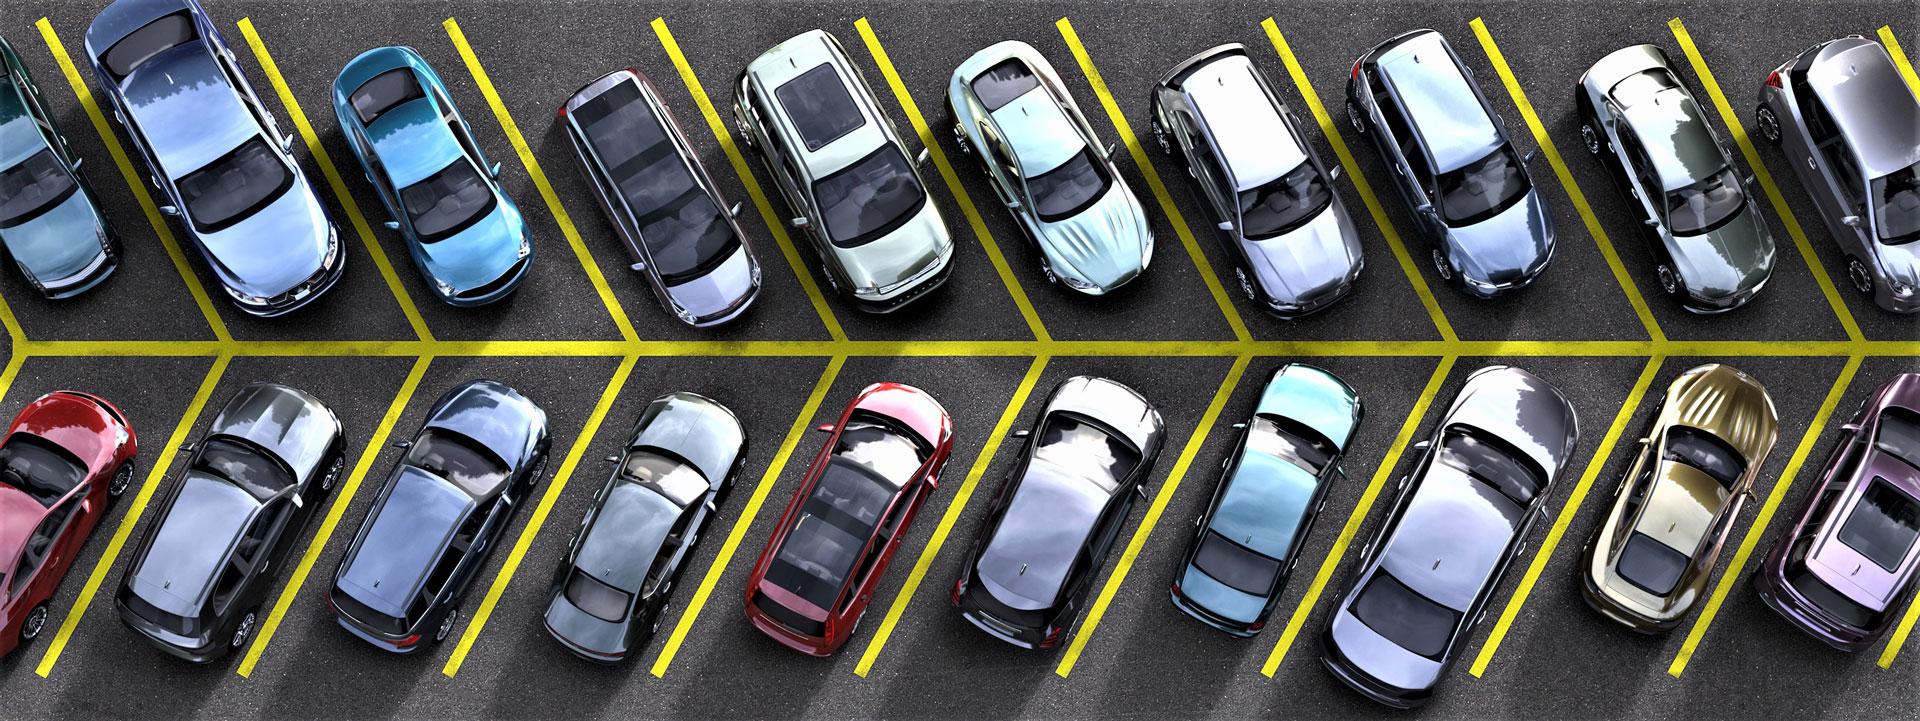 Inteligentny parking w Gdańsku